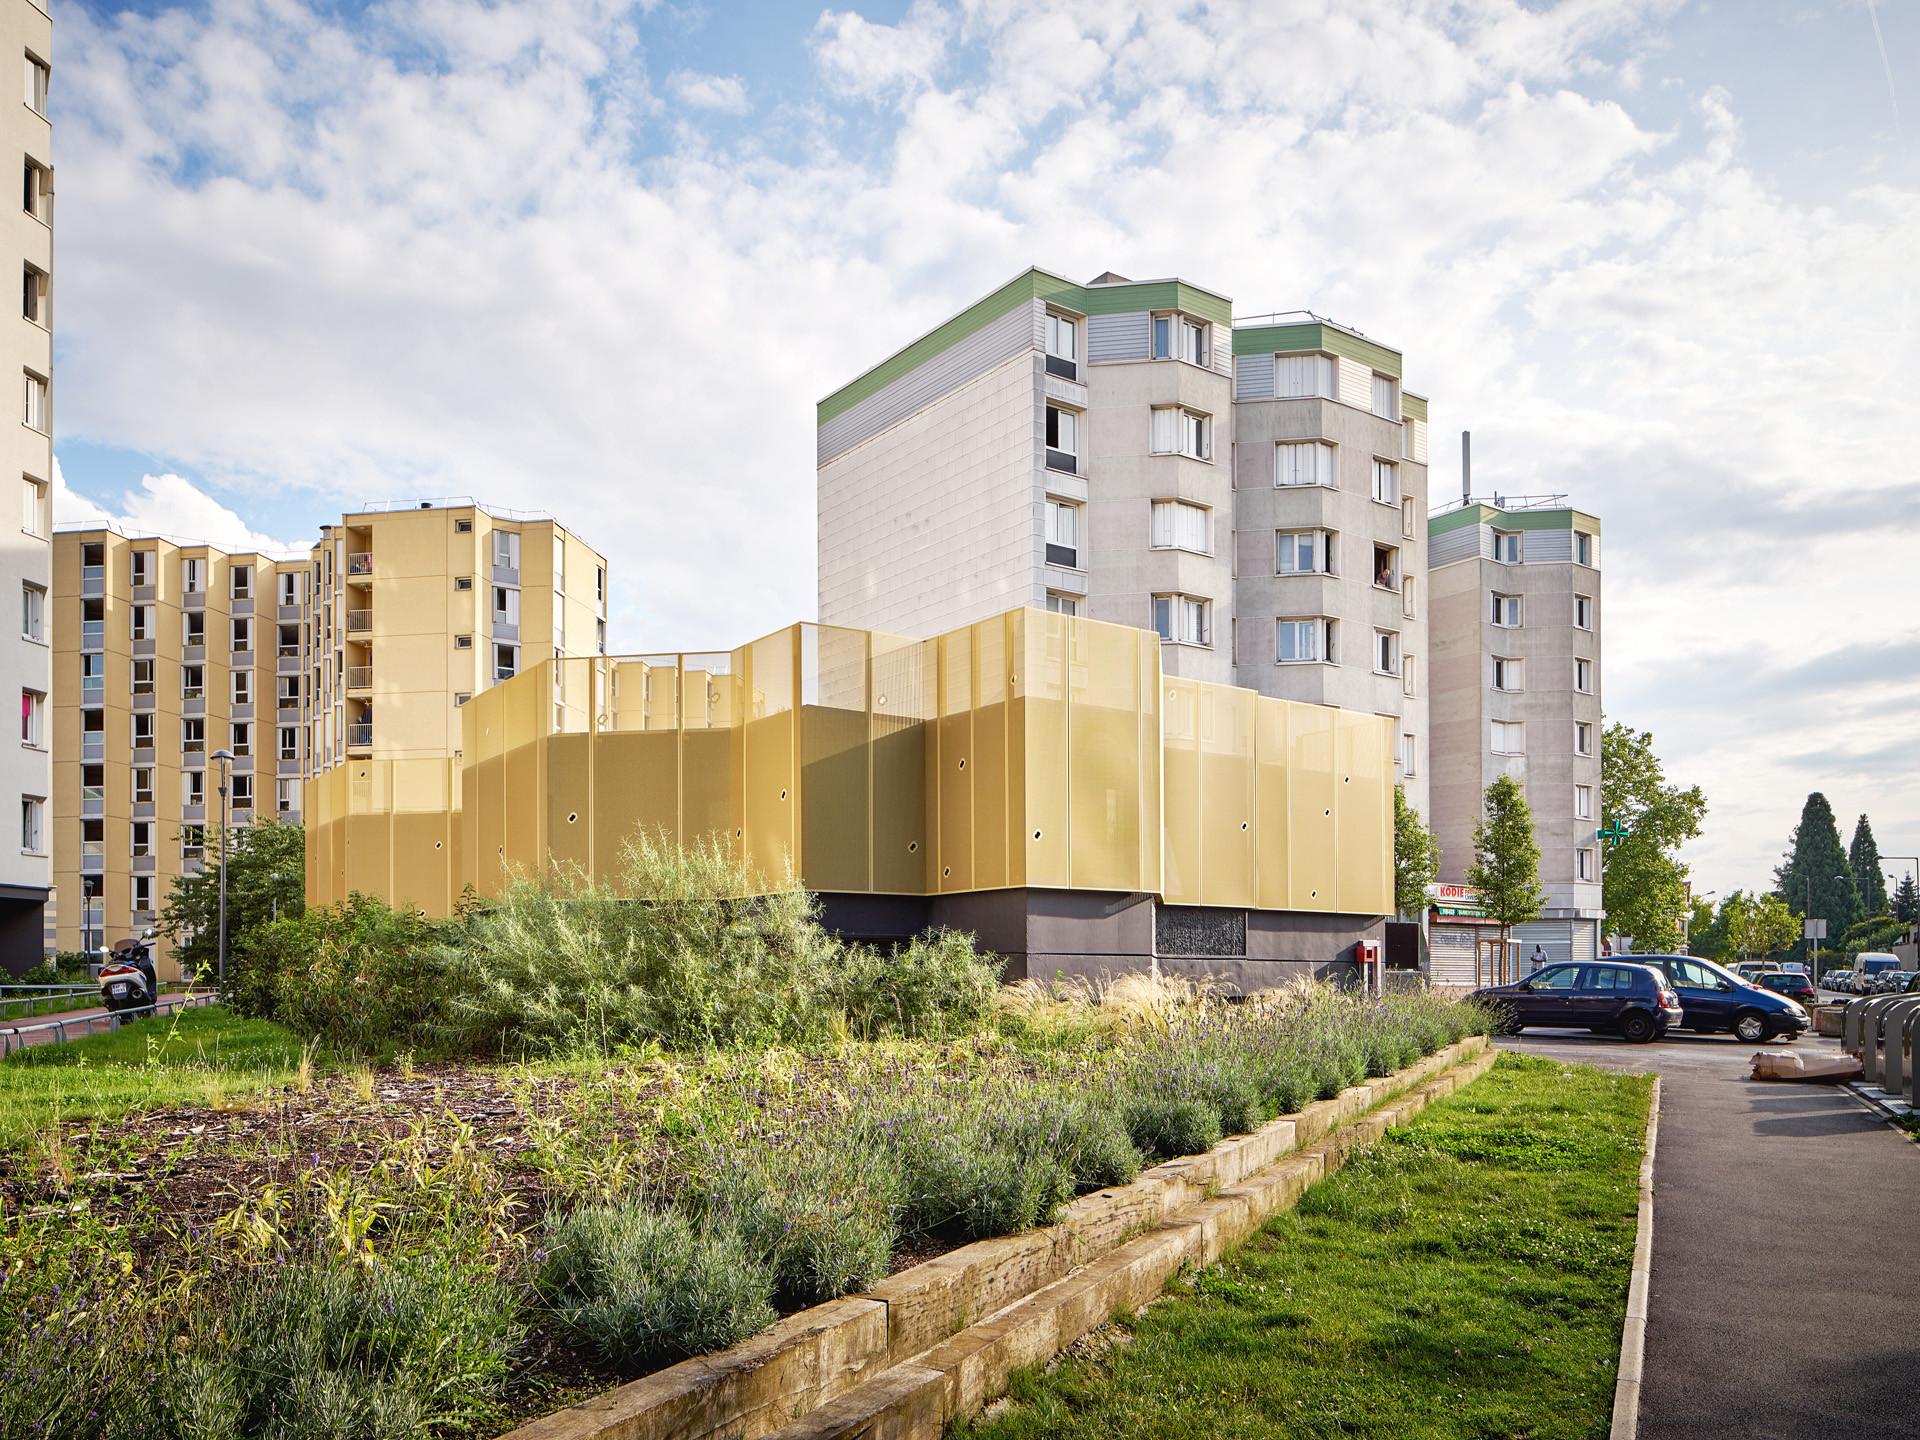 Centro Comunitario CLEC Montreuil / CUT architectures, © David Foessel